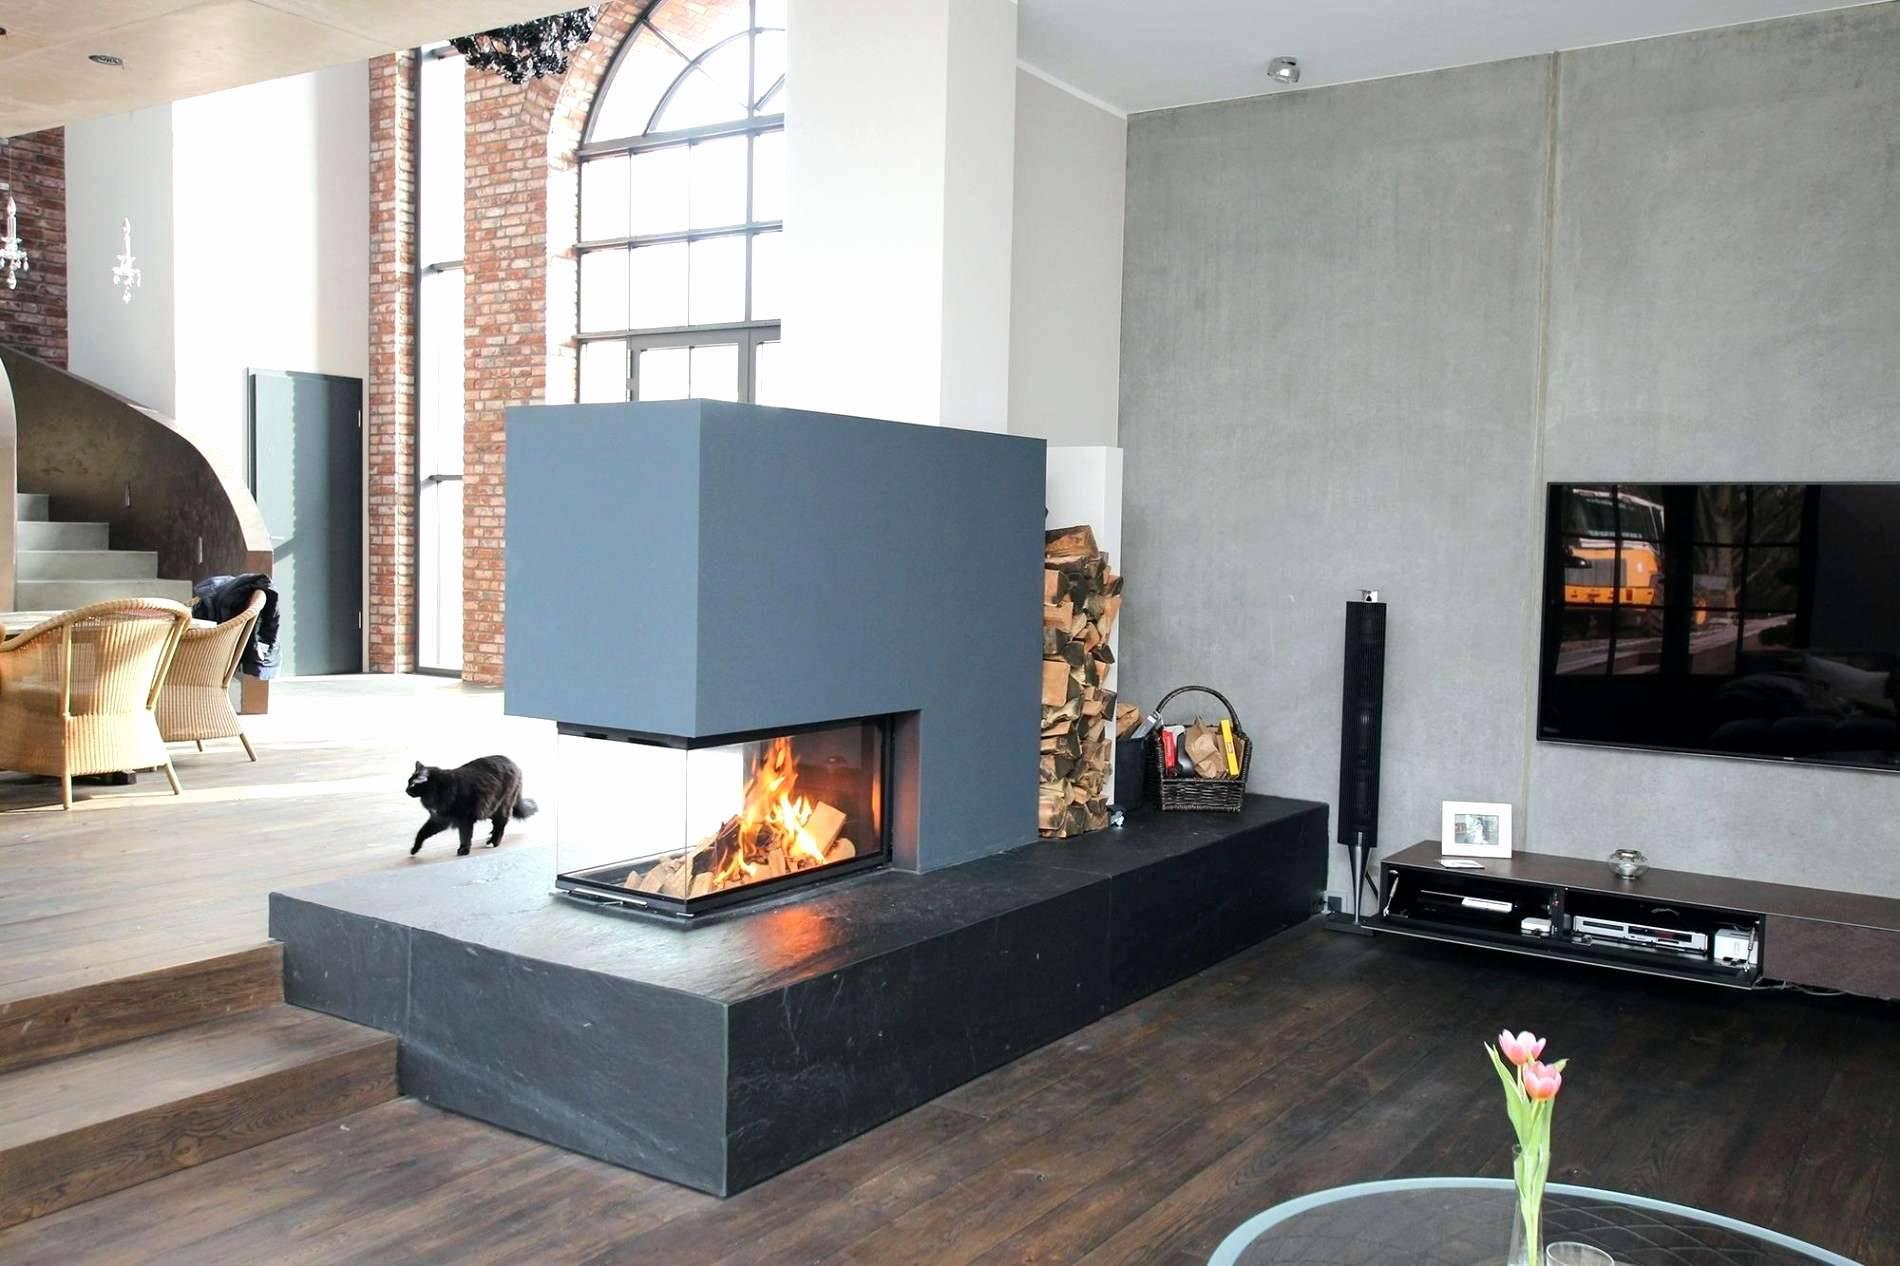 luxus wohnzimmer deko best of 49 das beste von wohnzimmer deko rustikal of luxus wohnzimmer deko